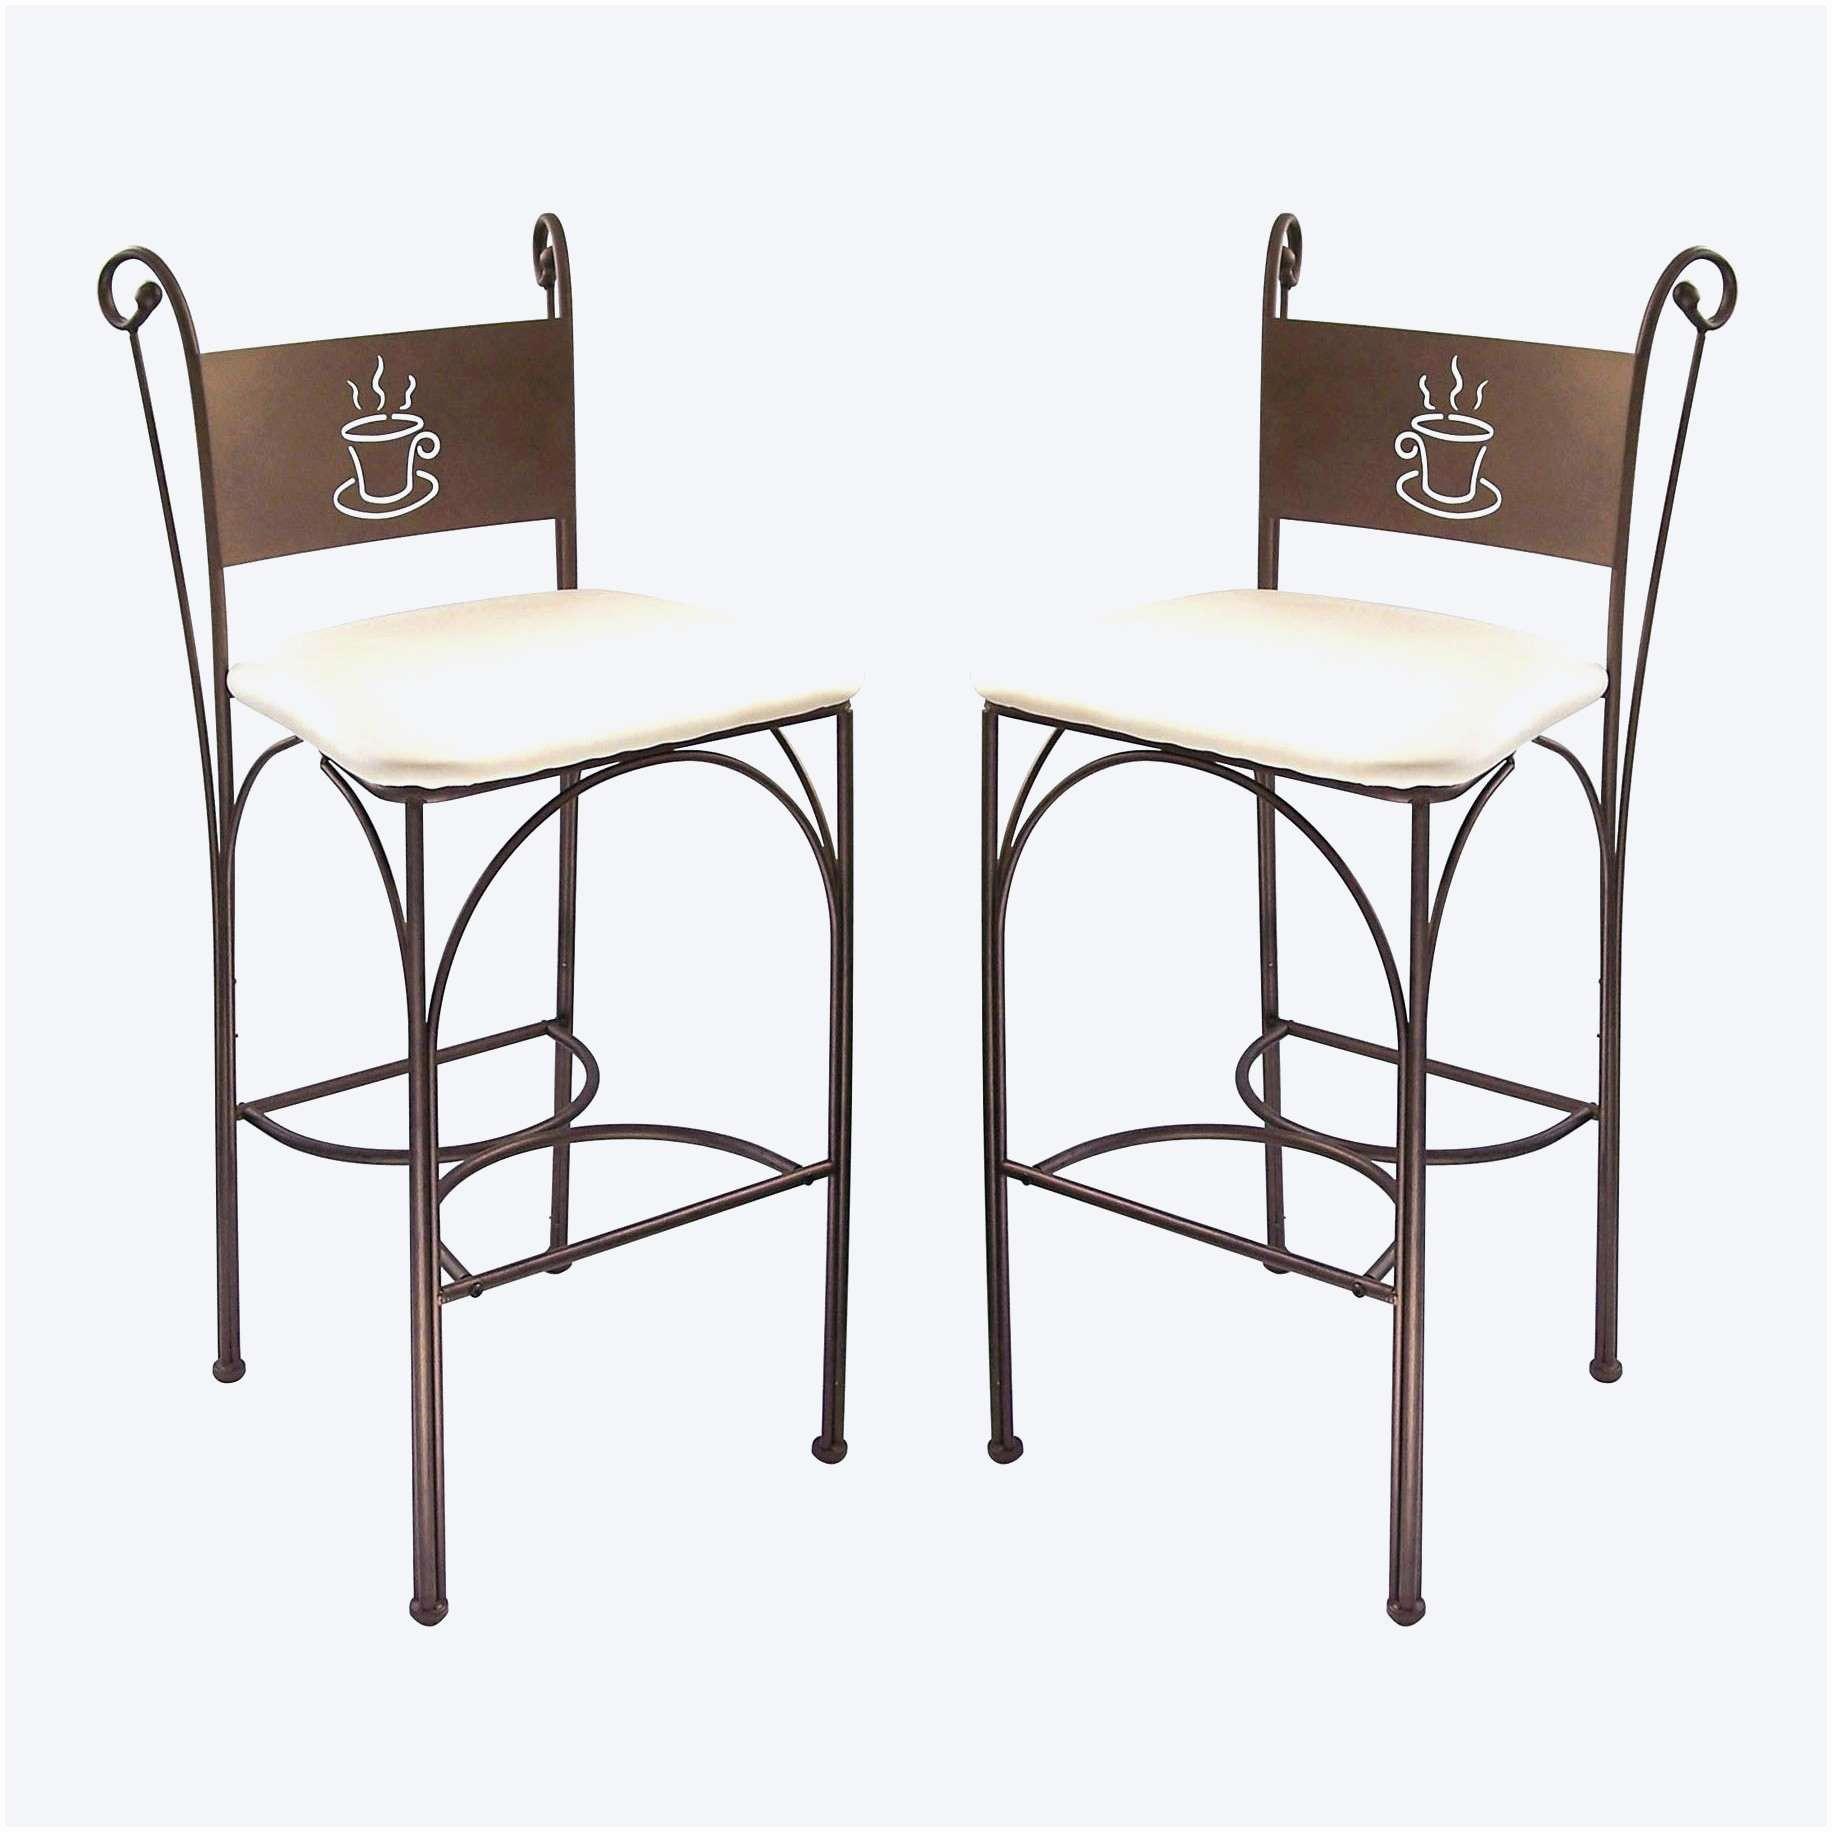 chaise de jardin en metal le meilleur de 82 des idees chaises longues de jardin of chaise de jardin en metal